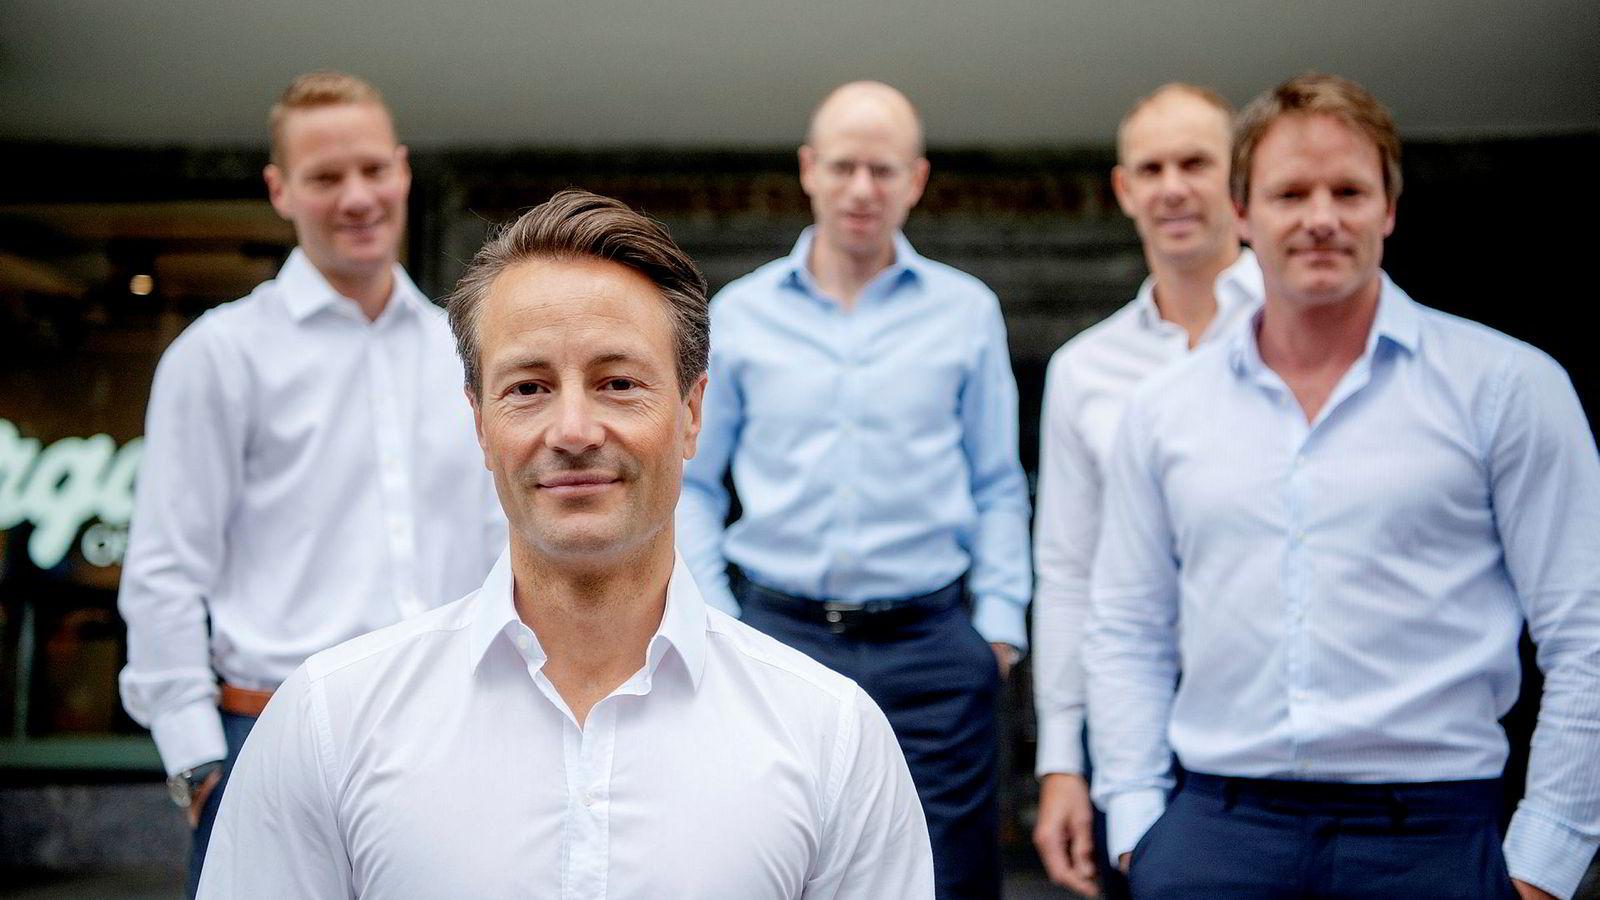 Vatne Capital-teamet. Fra venstre: Investeringsdirektør Tor Vegar Vatne, eier Runar Vatne, finansdirektør Jens Borge Andersen, eiendomsdirektør Helge Rognerud og administrerende direktør Henrik Krefting.